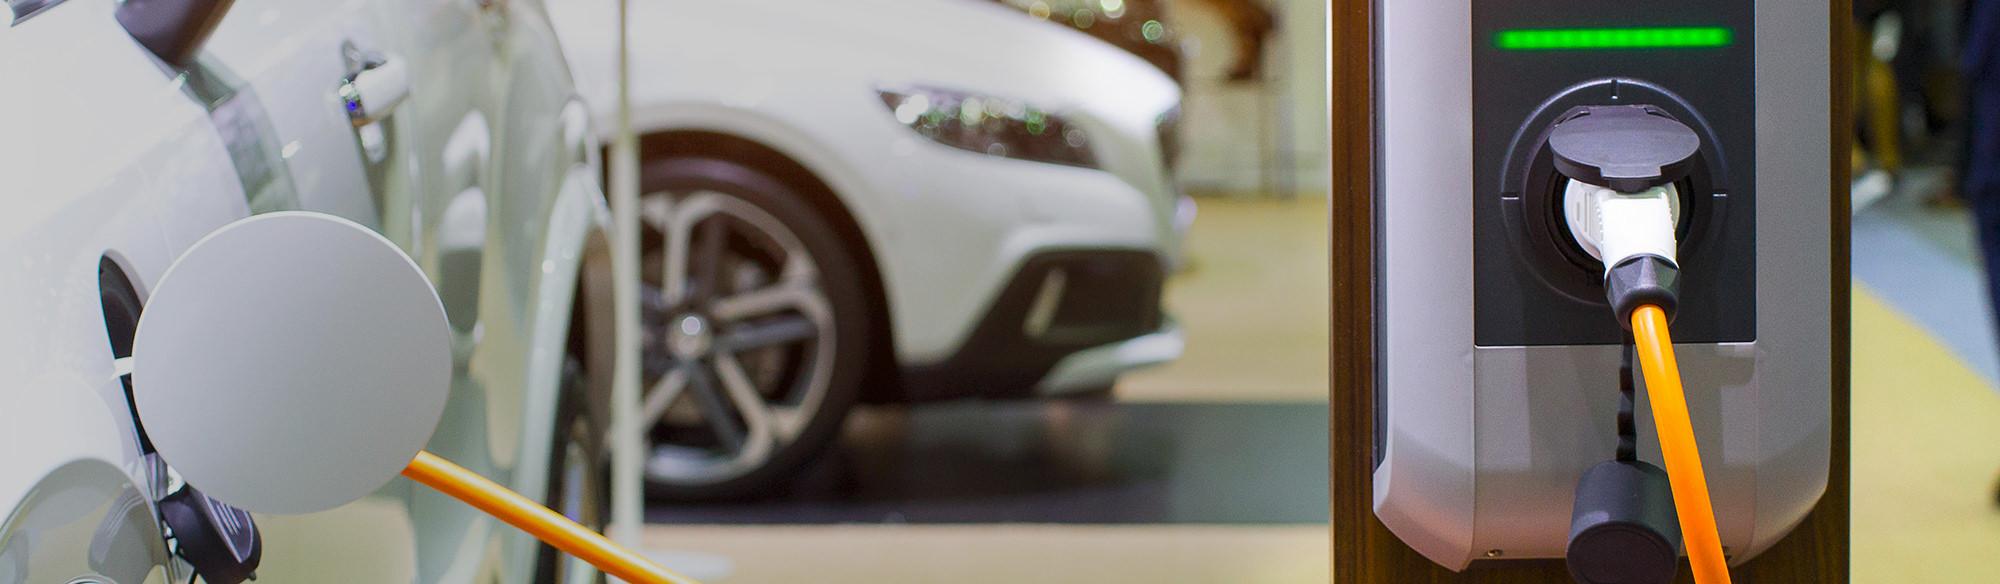 smartcity - elettromobilità